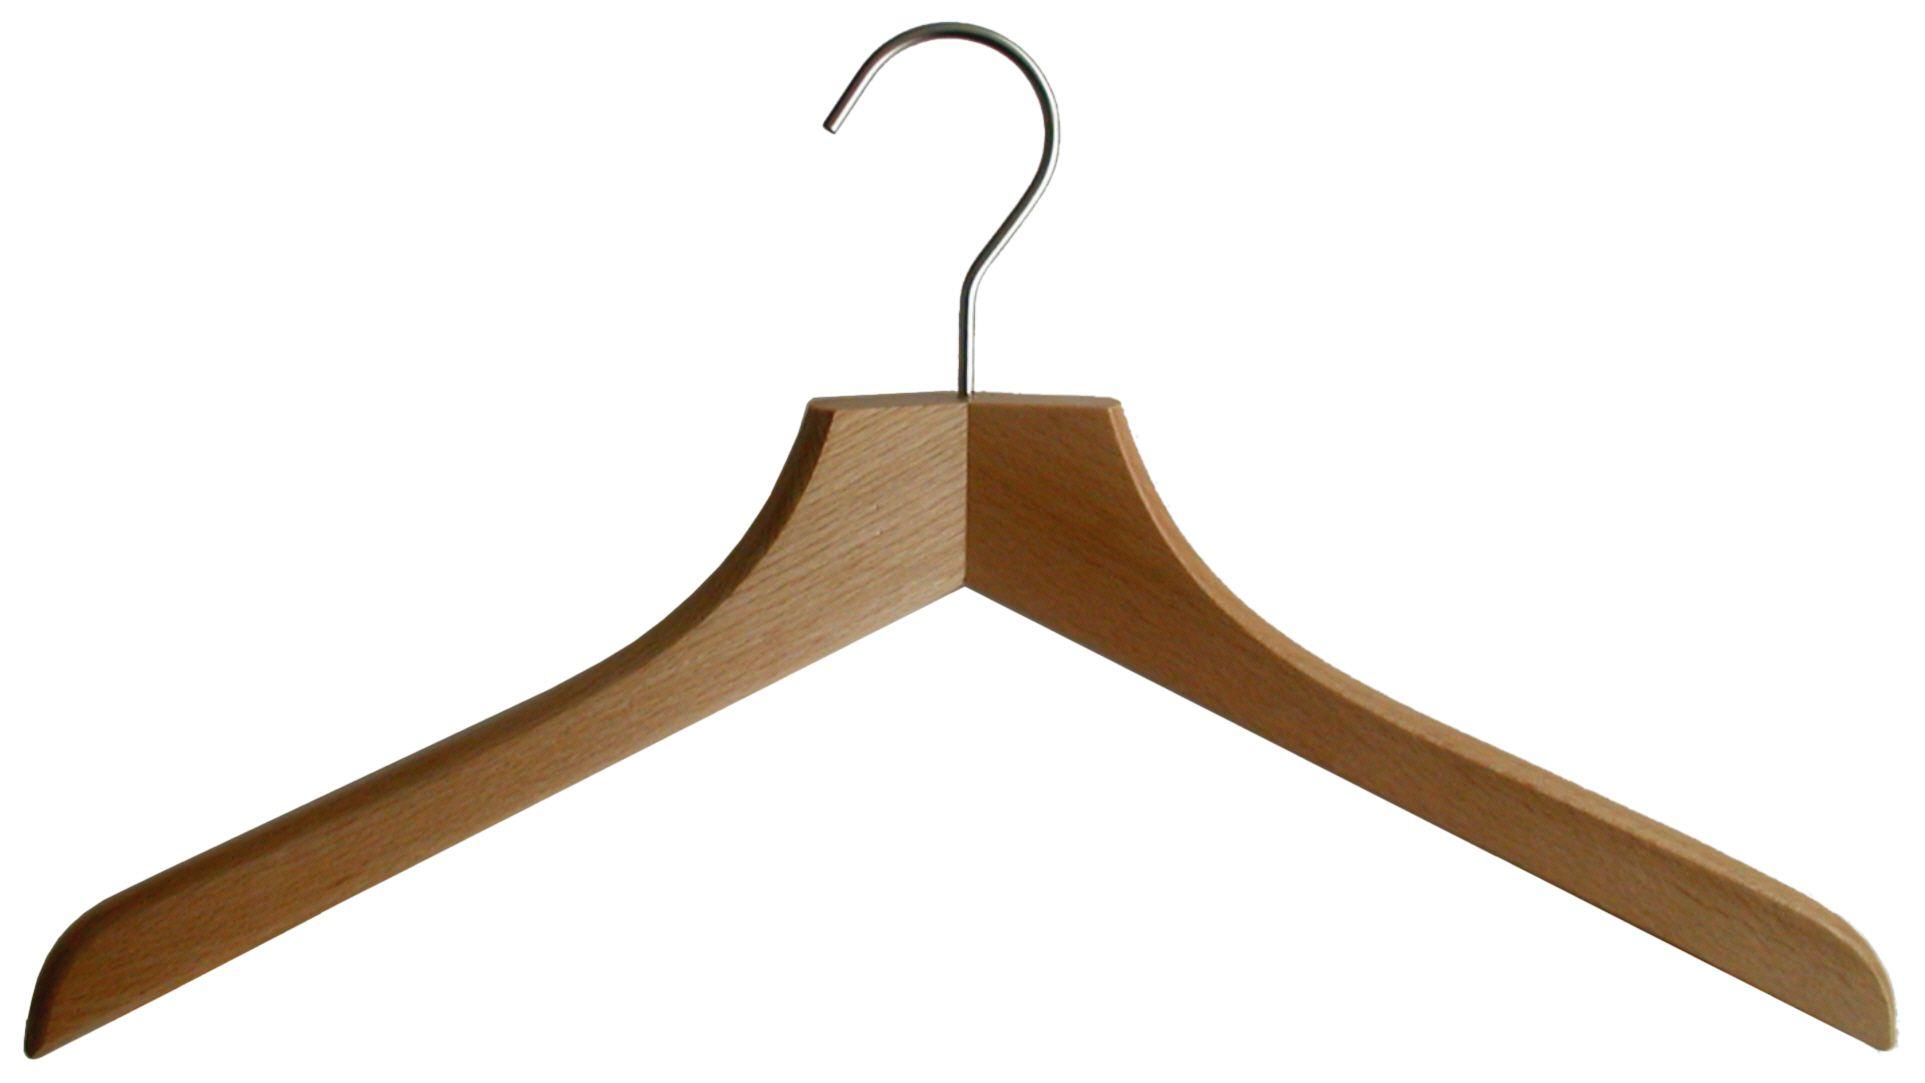 mawa profi kleiderb gel shop. Black Bedroom Furniture Sets. Home Design Ideas